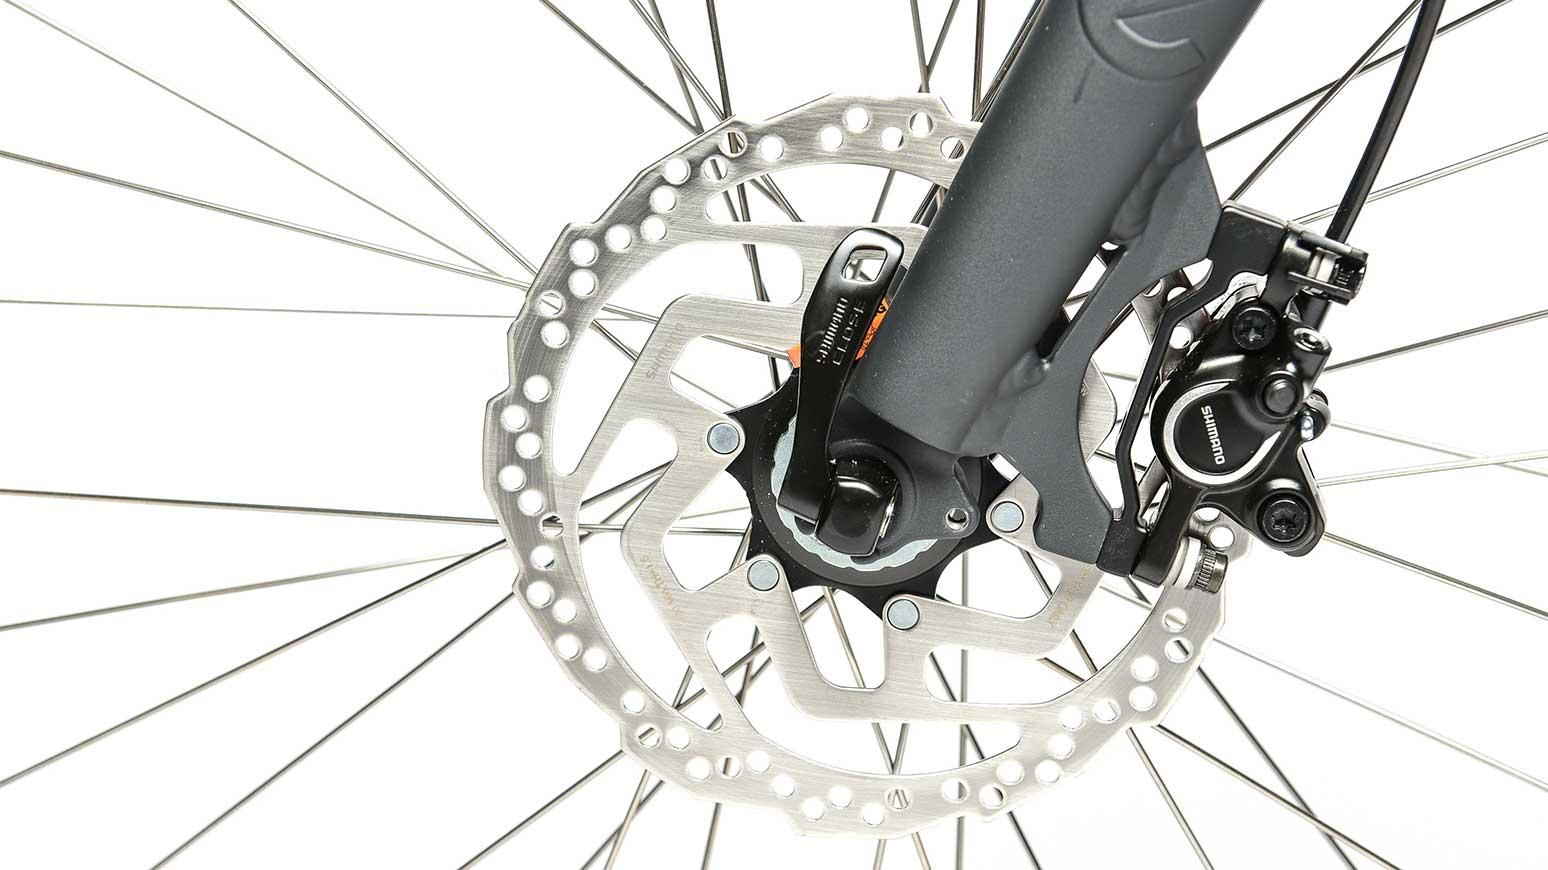 Große 180 mm Scheibe im Vorderrad – wie beim Mountainbike – schwerlastfähig!